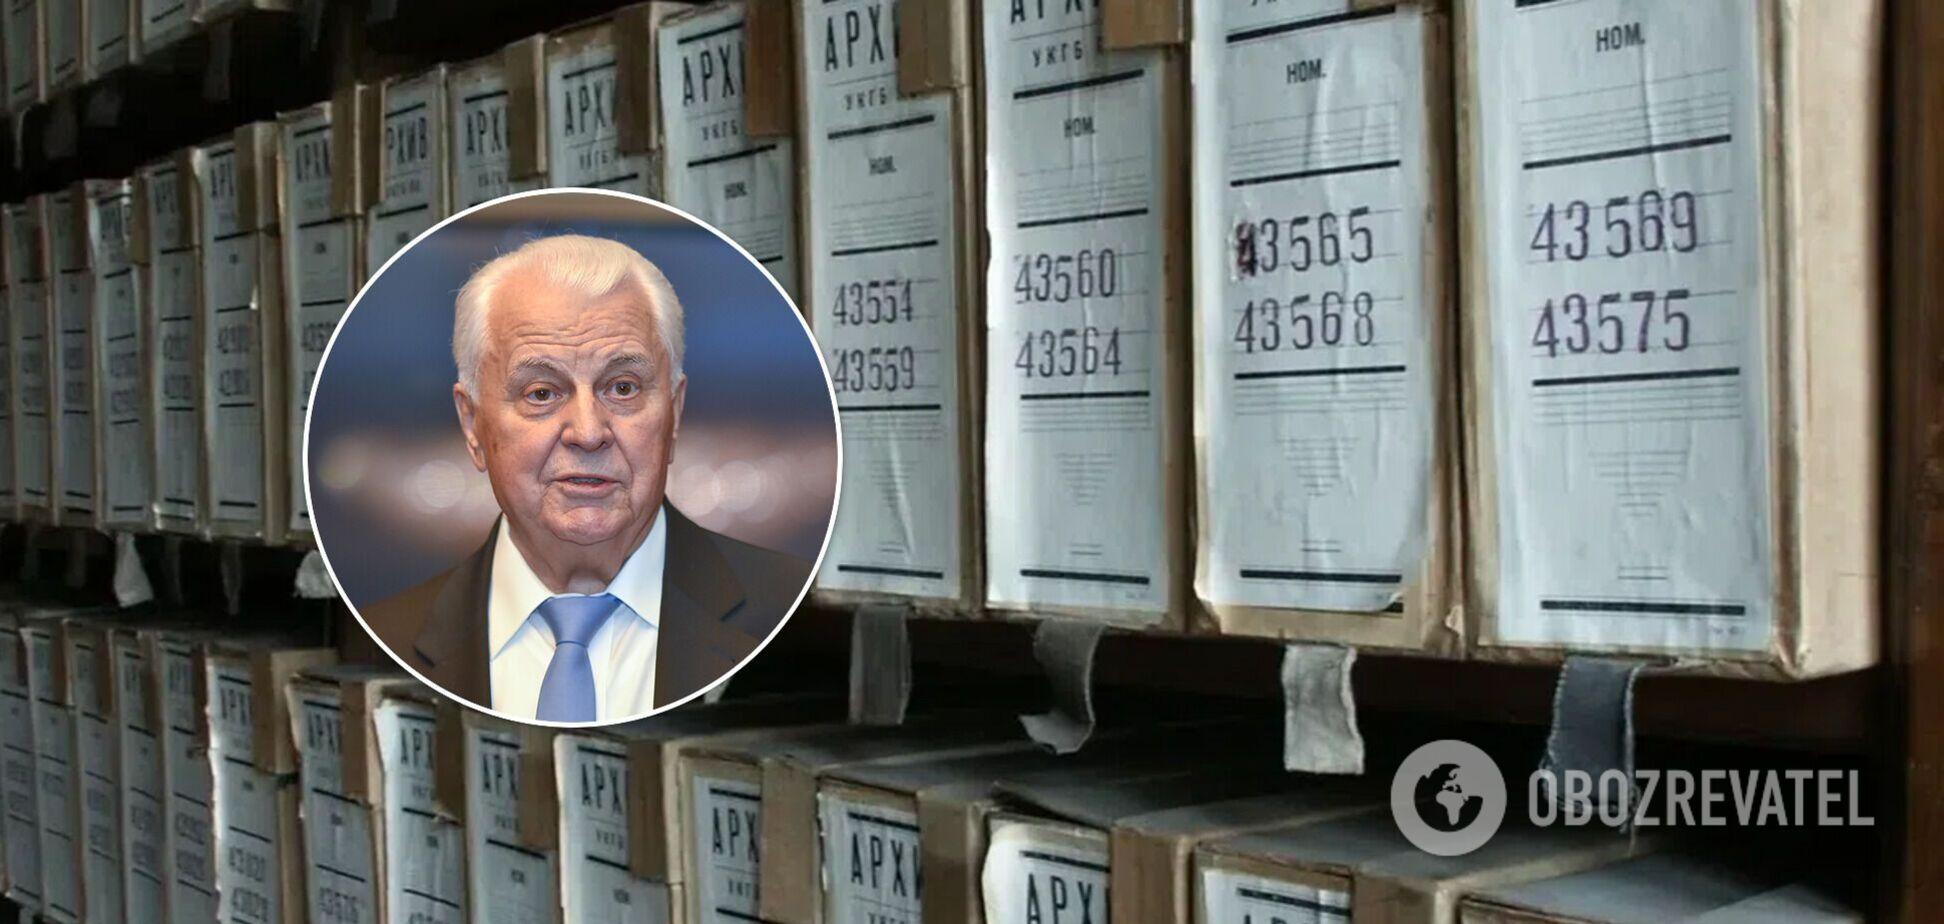 Кравчук пояснив, чому ще за його президентства не розсекретили архіви КДБ